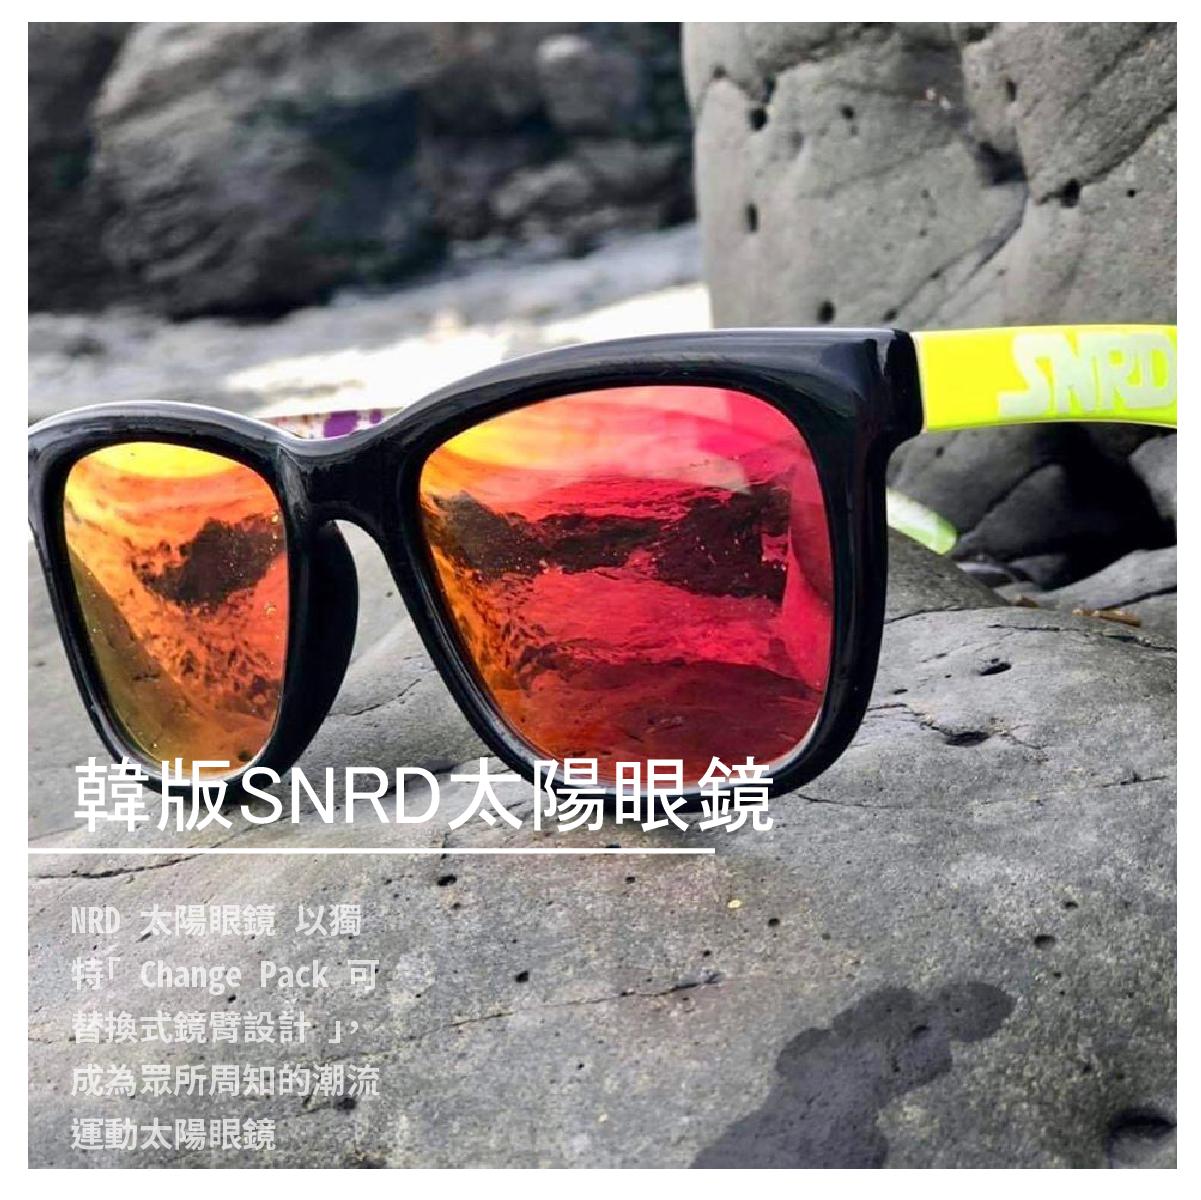 【首禾】韓版SNRD太陽眼鏡